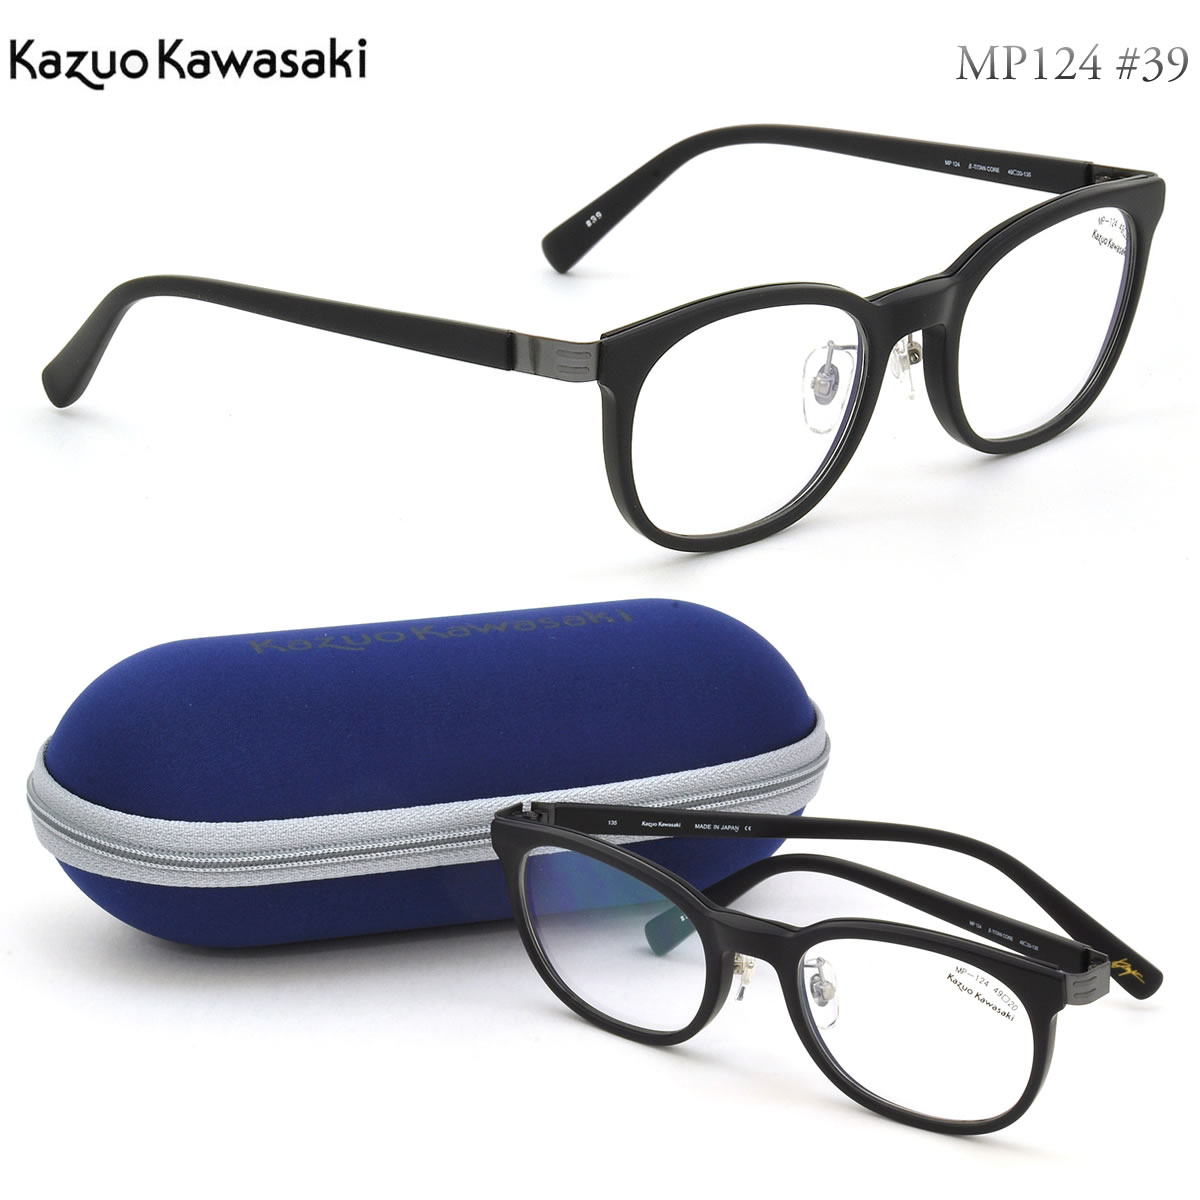 ほぼ全品ポイント15倍~最大43倍+3倍!お得なクーポンも! 【KAZUO KAWASAKI メガネ】カワサキカズオ メガネフレーム MP124 39 49サイズ